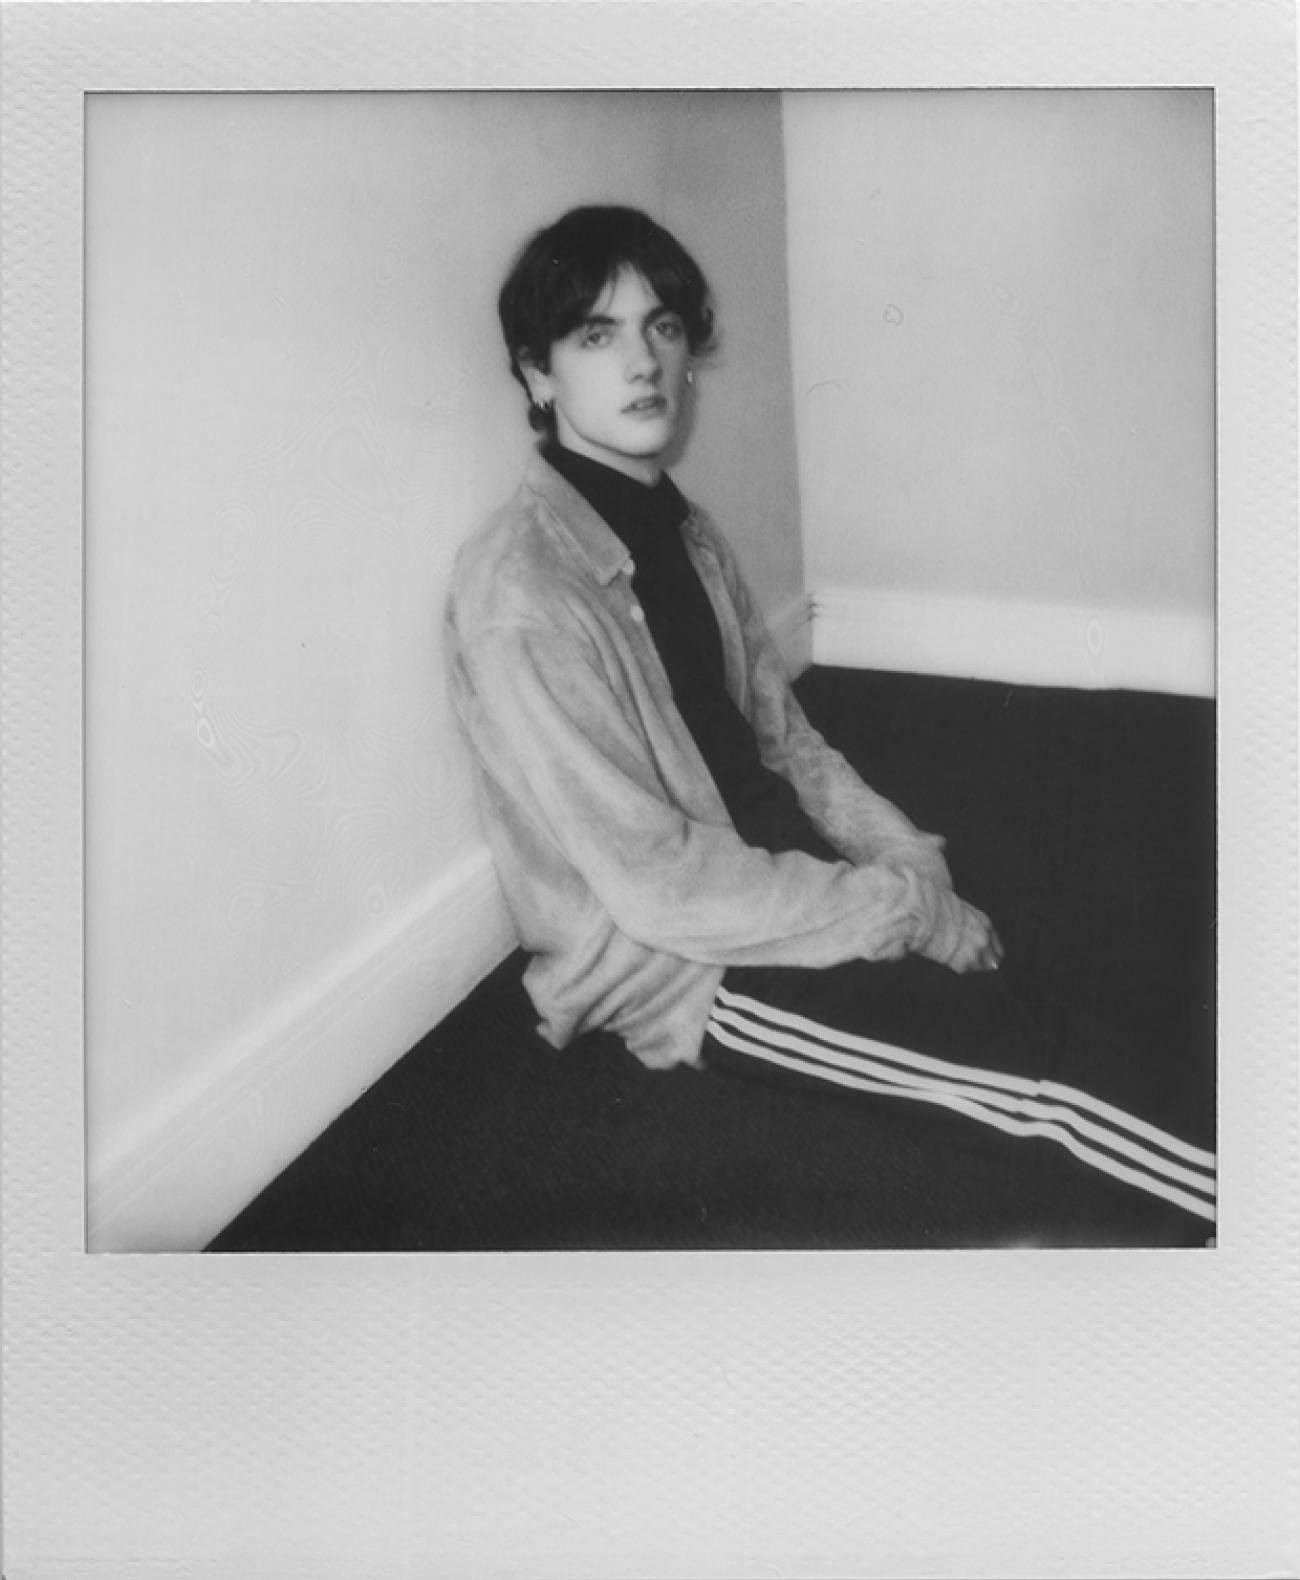 Calum Polaroid